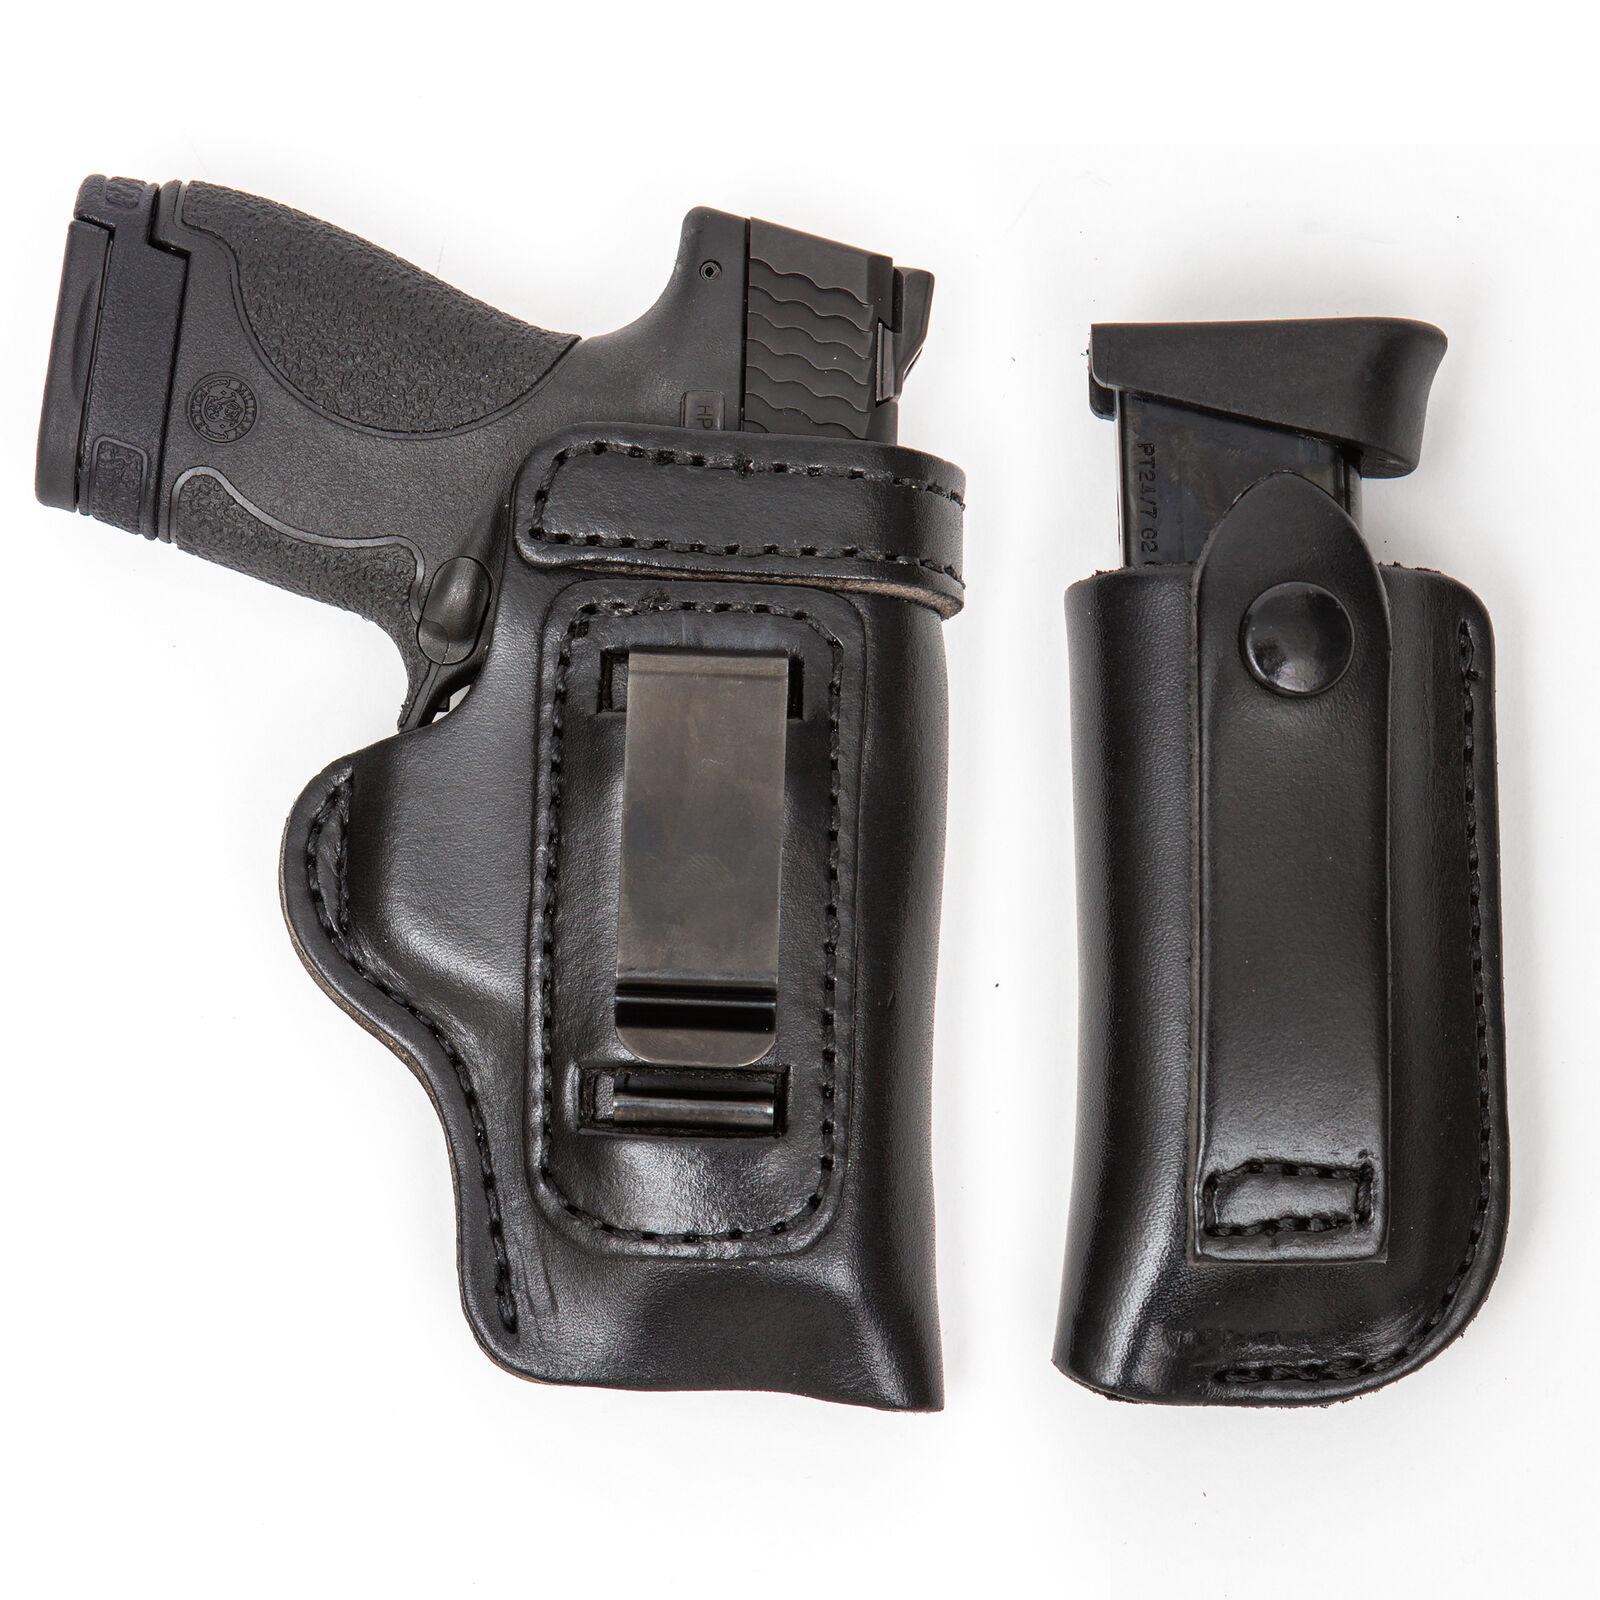 Combo Pack IWB owb RH LH Funda Pistola & Mag para Dan Wesson 1911 3.5